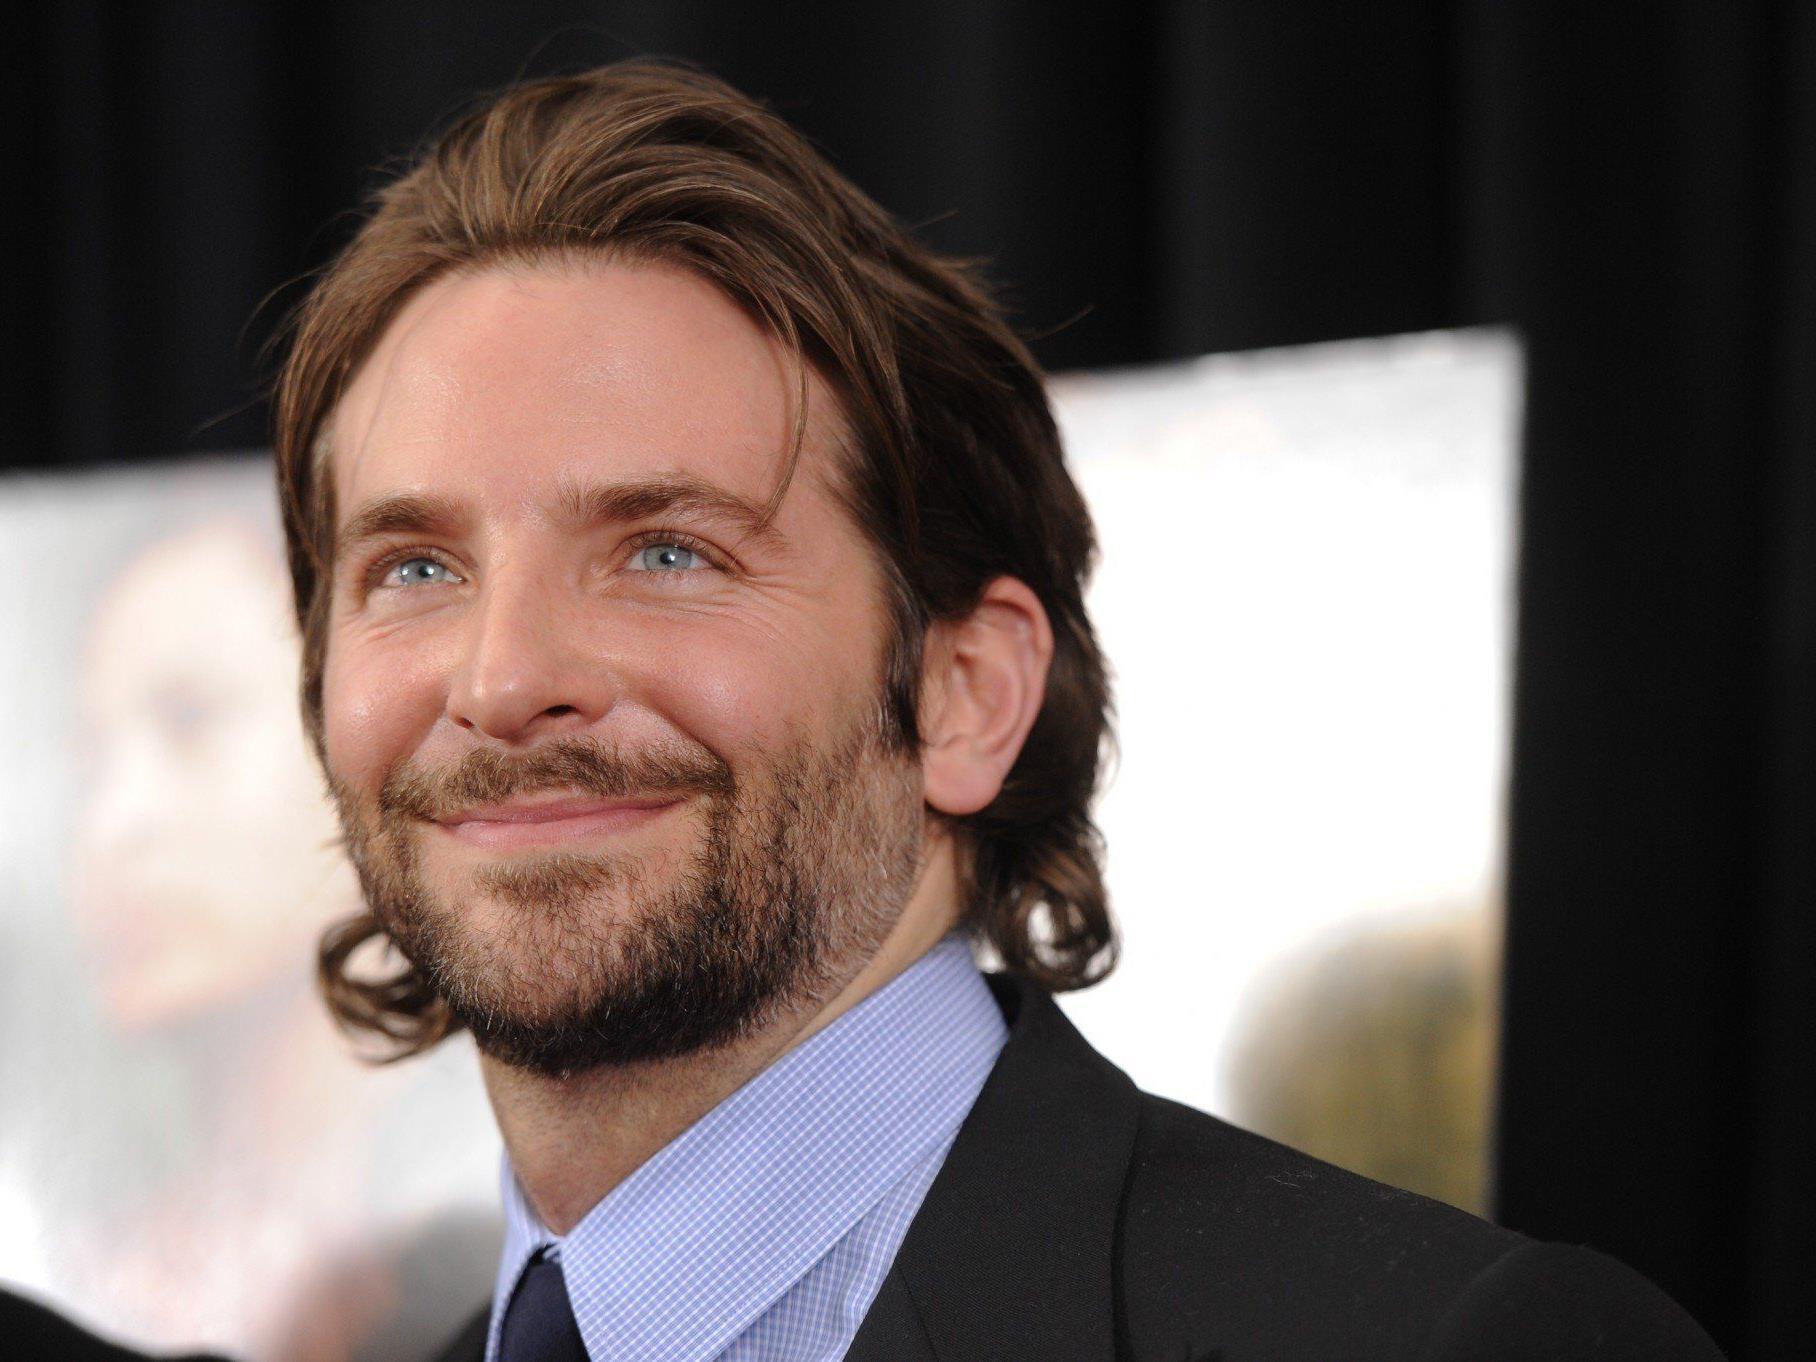 """Bradley Cooper steigt bei Film """"Jane Got a Gun"""" aus"""